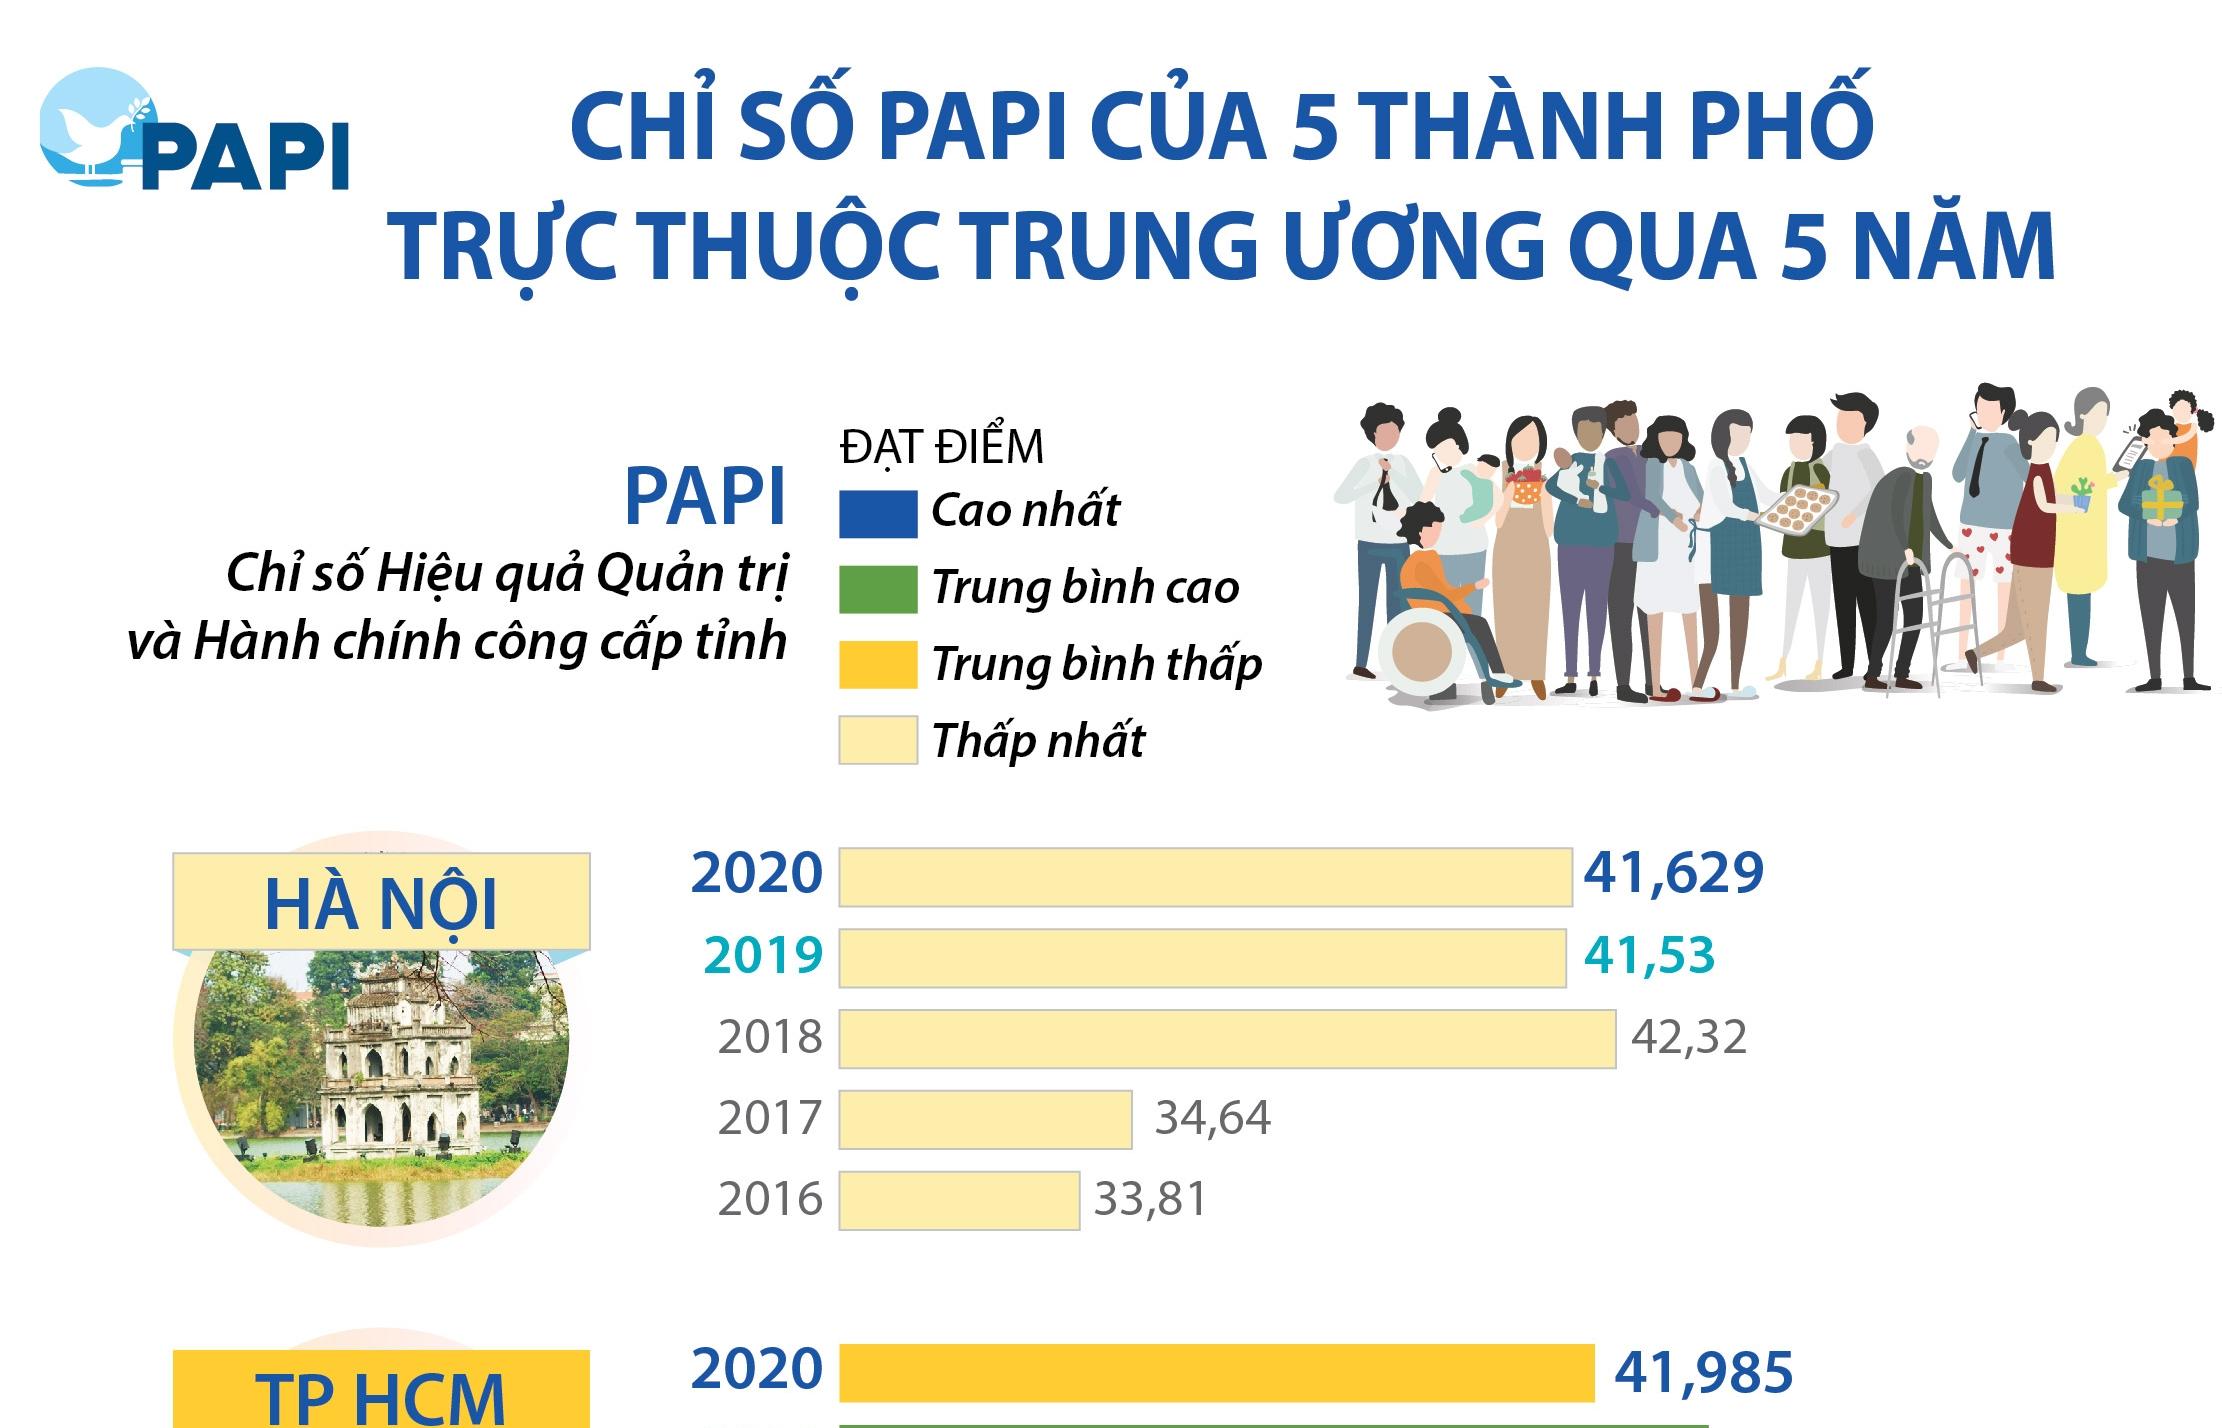 Infographics: Chỉ số PAPI của 5 thành phố trực thuộc Trung ương qua 5 năm